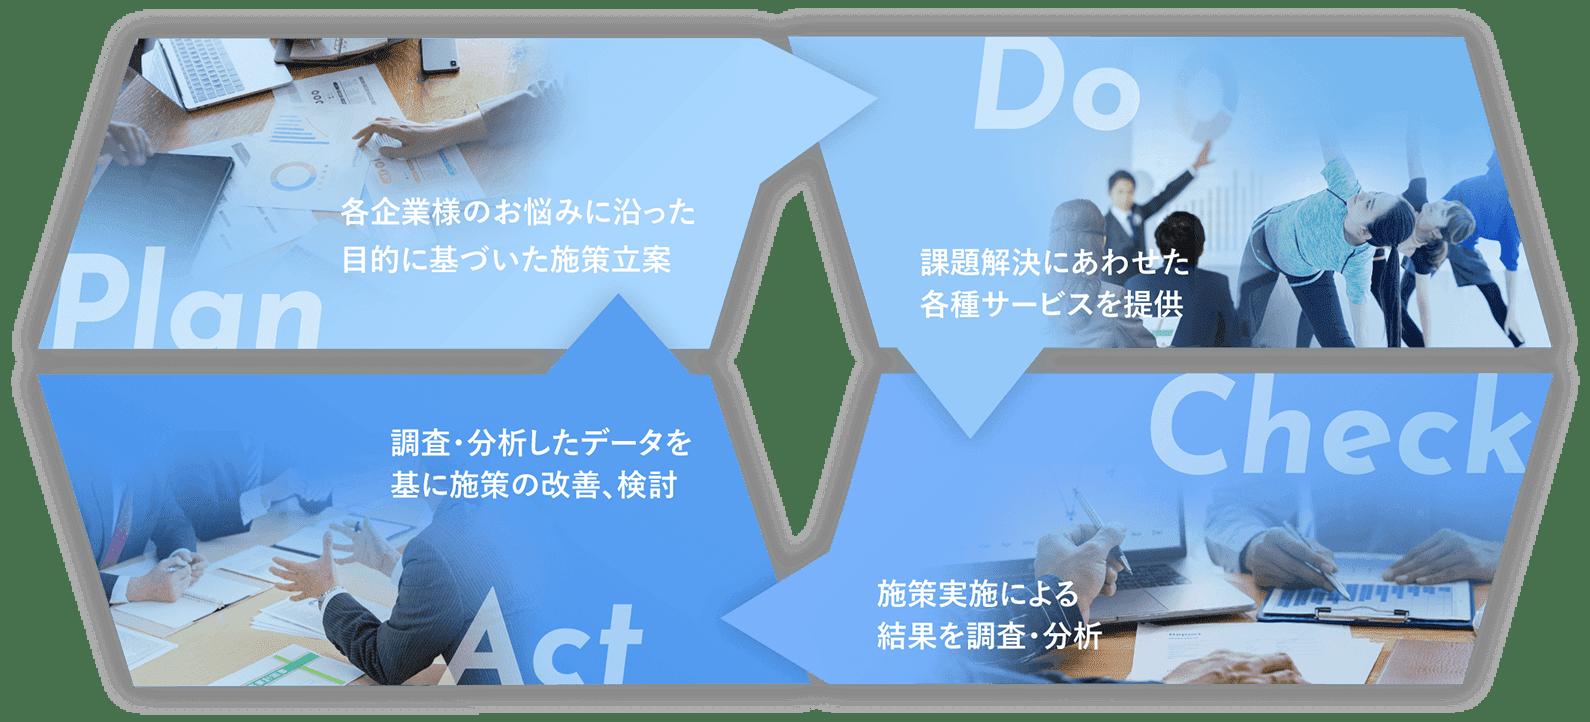 Plan 各企業様のお悩みに沿った目的に基づいた施策立案 Do 課題解決にあわせた各種サービスを提供 Check 施策実施による結果を調査・分析 Act 調査・分析したデータをもとに施策の改善・検討